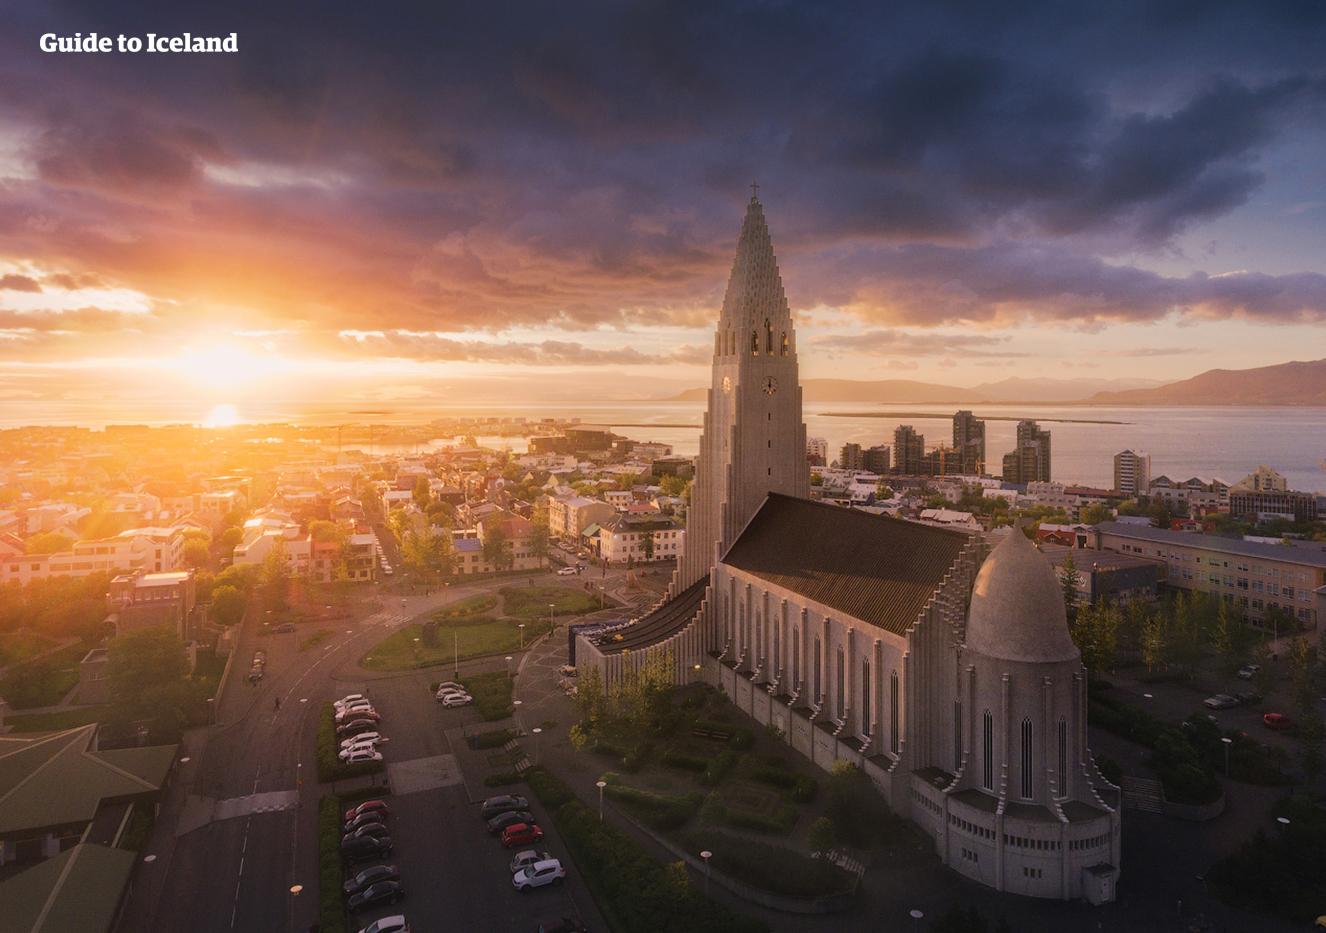 Добро пожаловать в Рейкьявик, самую северную столицу в мире.